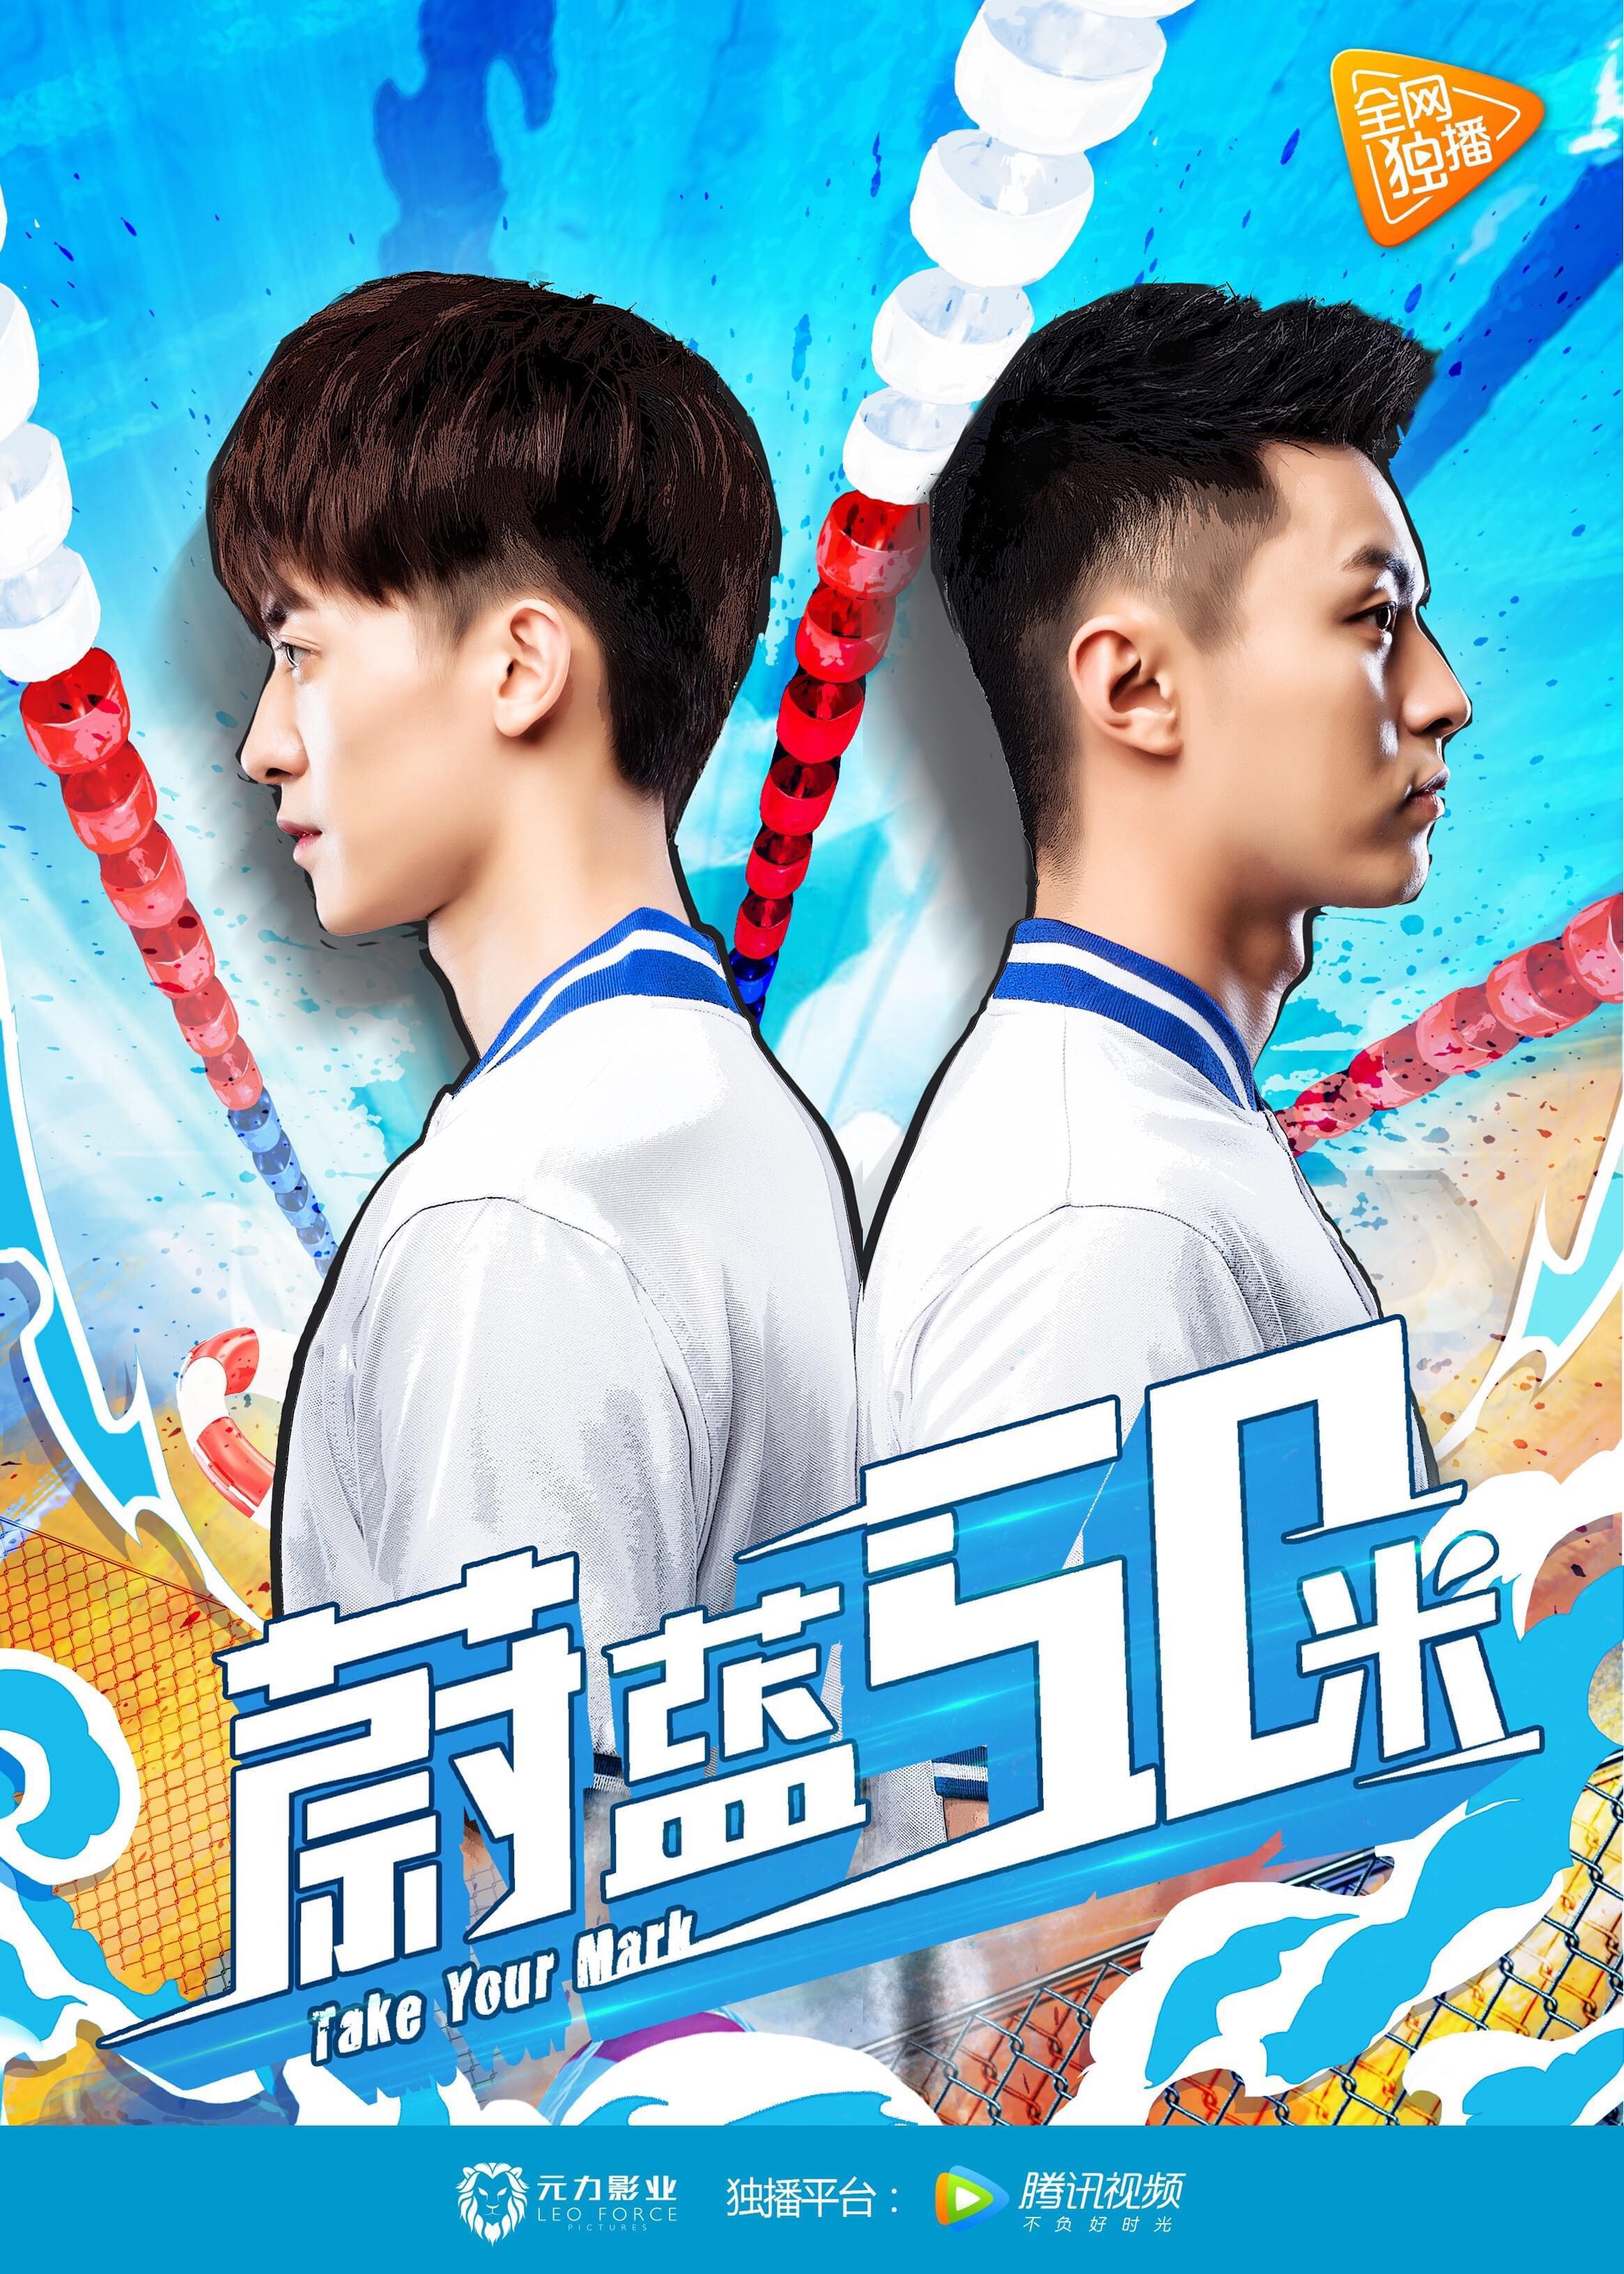 《蔚蓝50米》曝双男主海报 撕漫男神来袭霸屏今夏